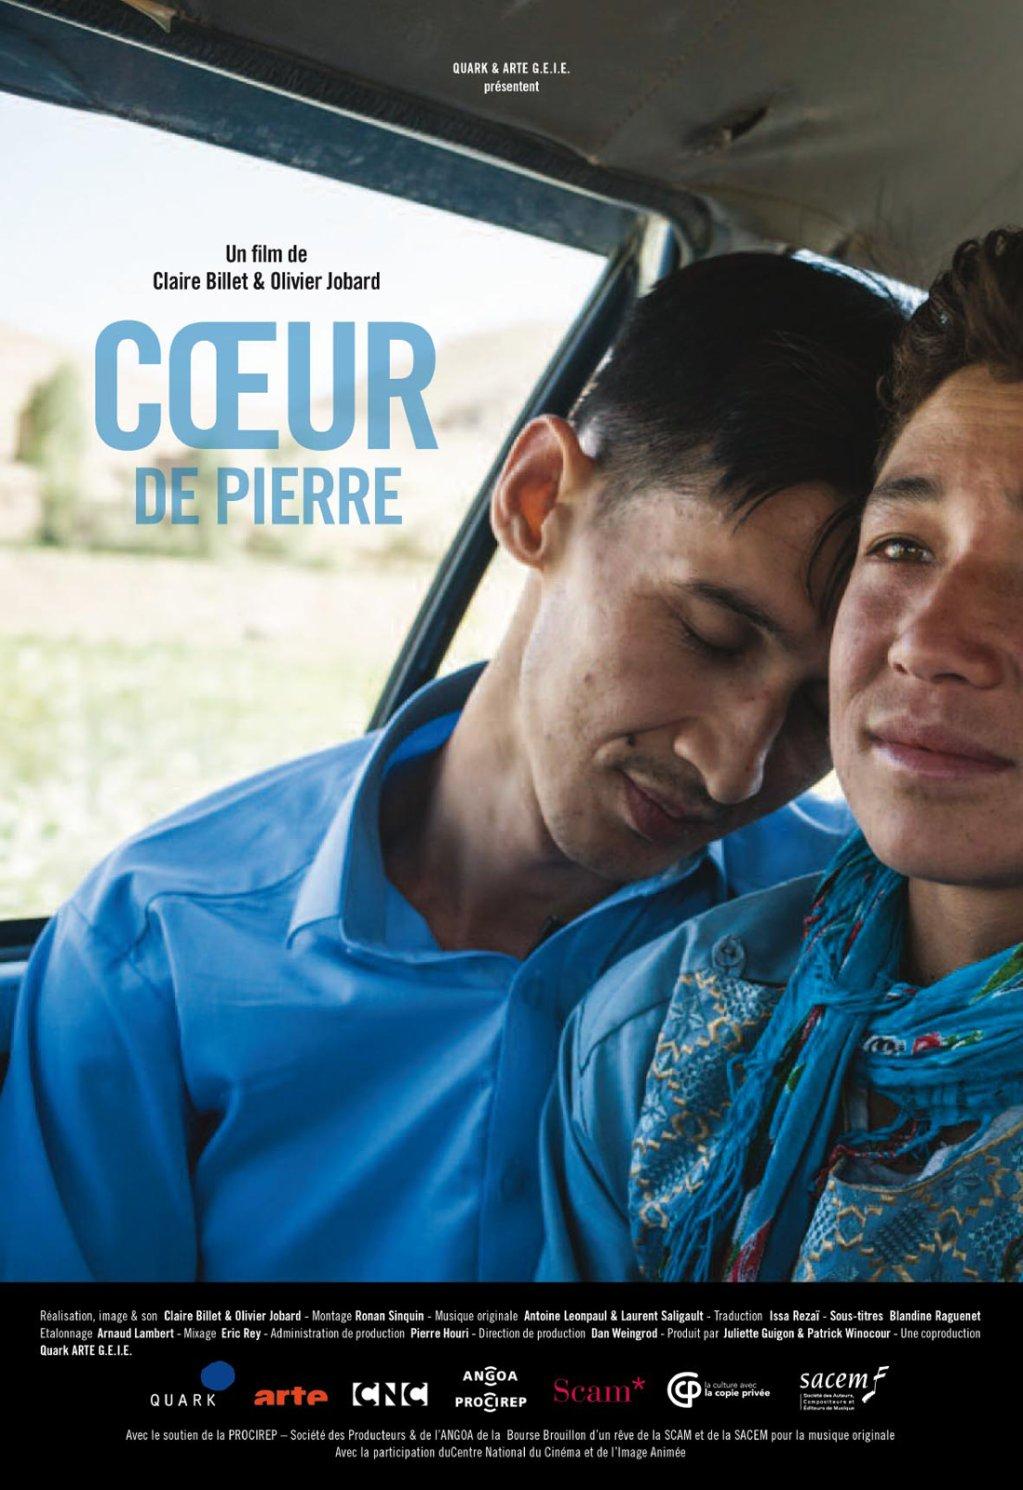 سنگدل، فیلم مستند مهاجر نوجوان افغان در فرانسه. برگرفته از سایت الوسنه